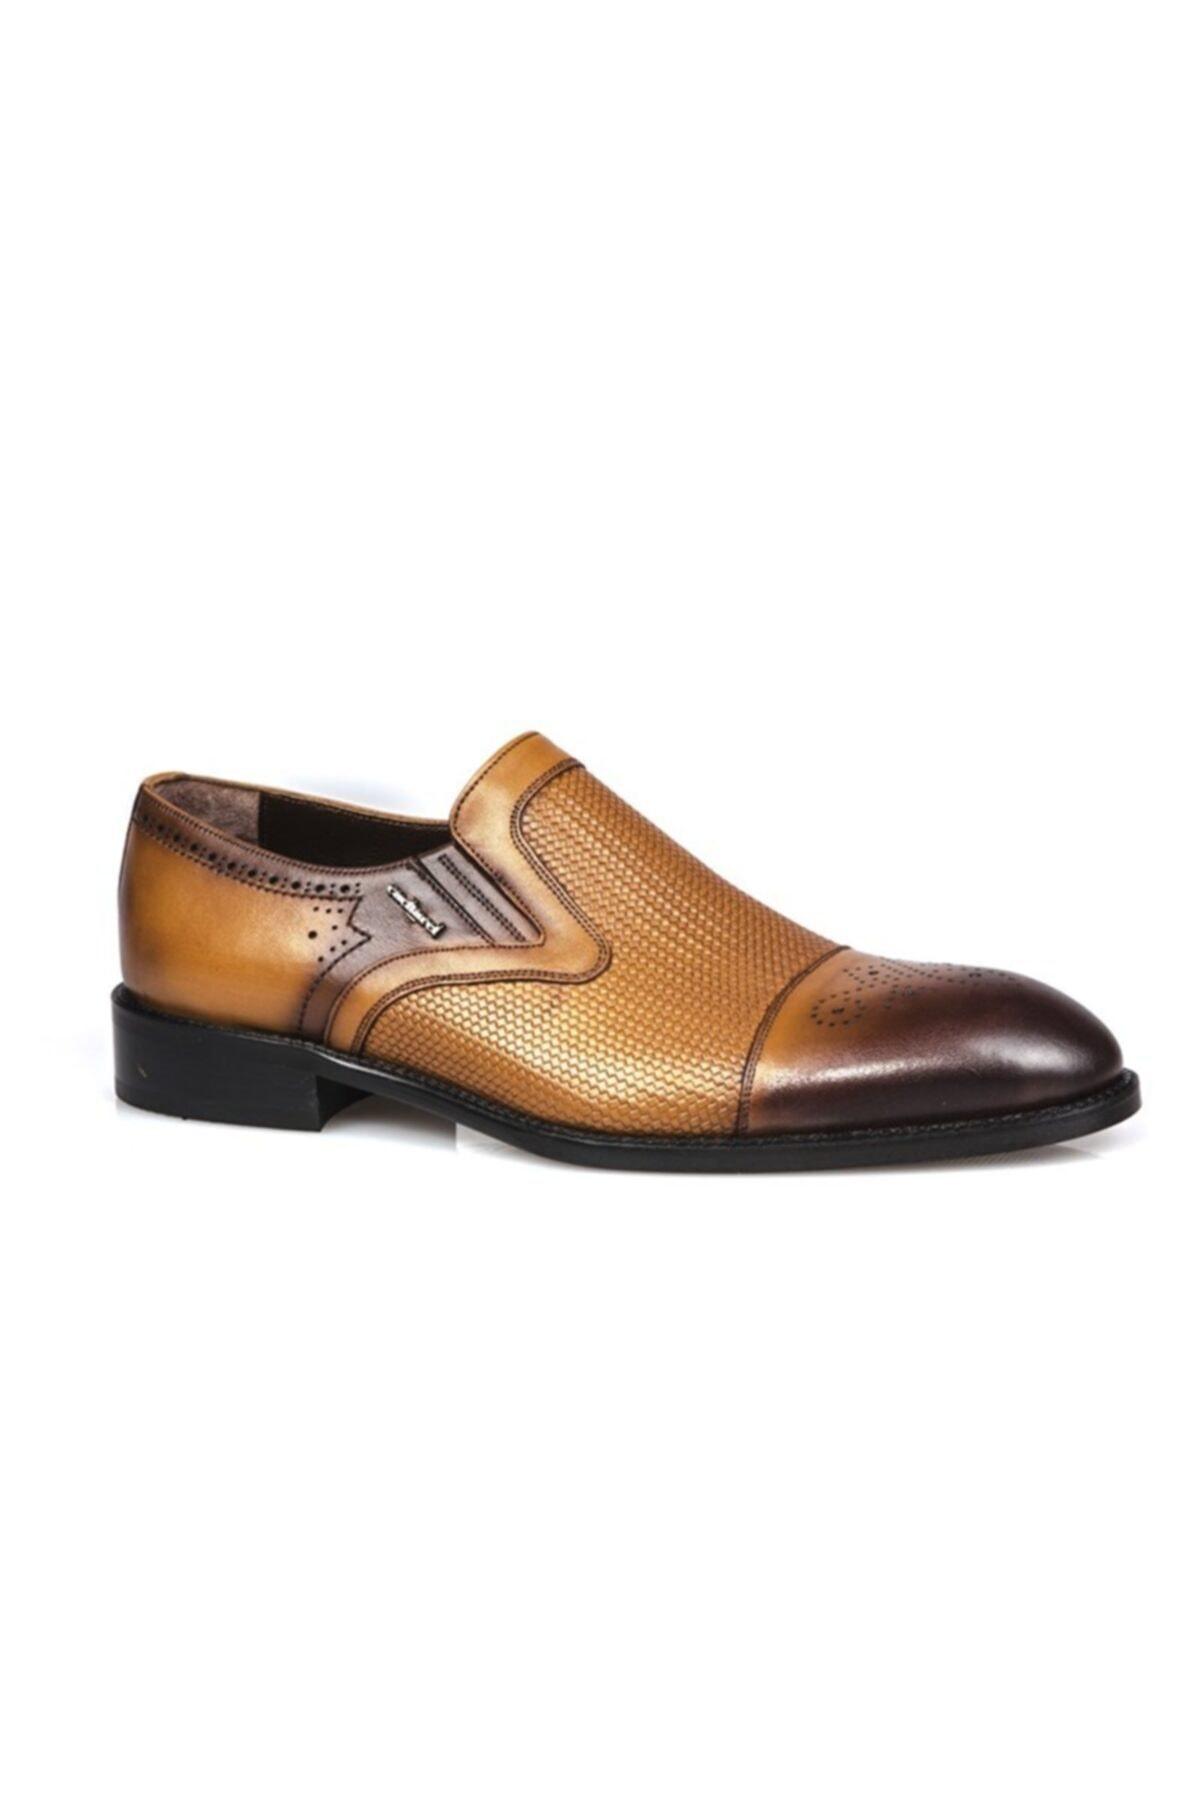 Cacharel C8925a Taba Erkek Günlük Ayakkabı 2